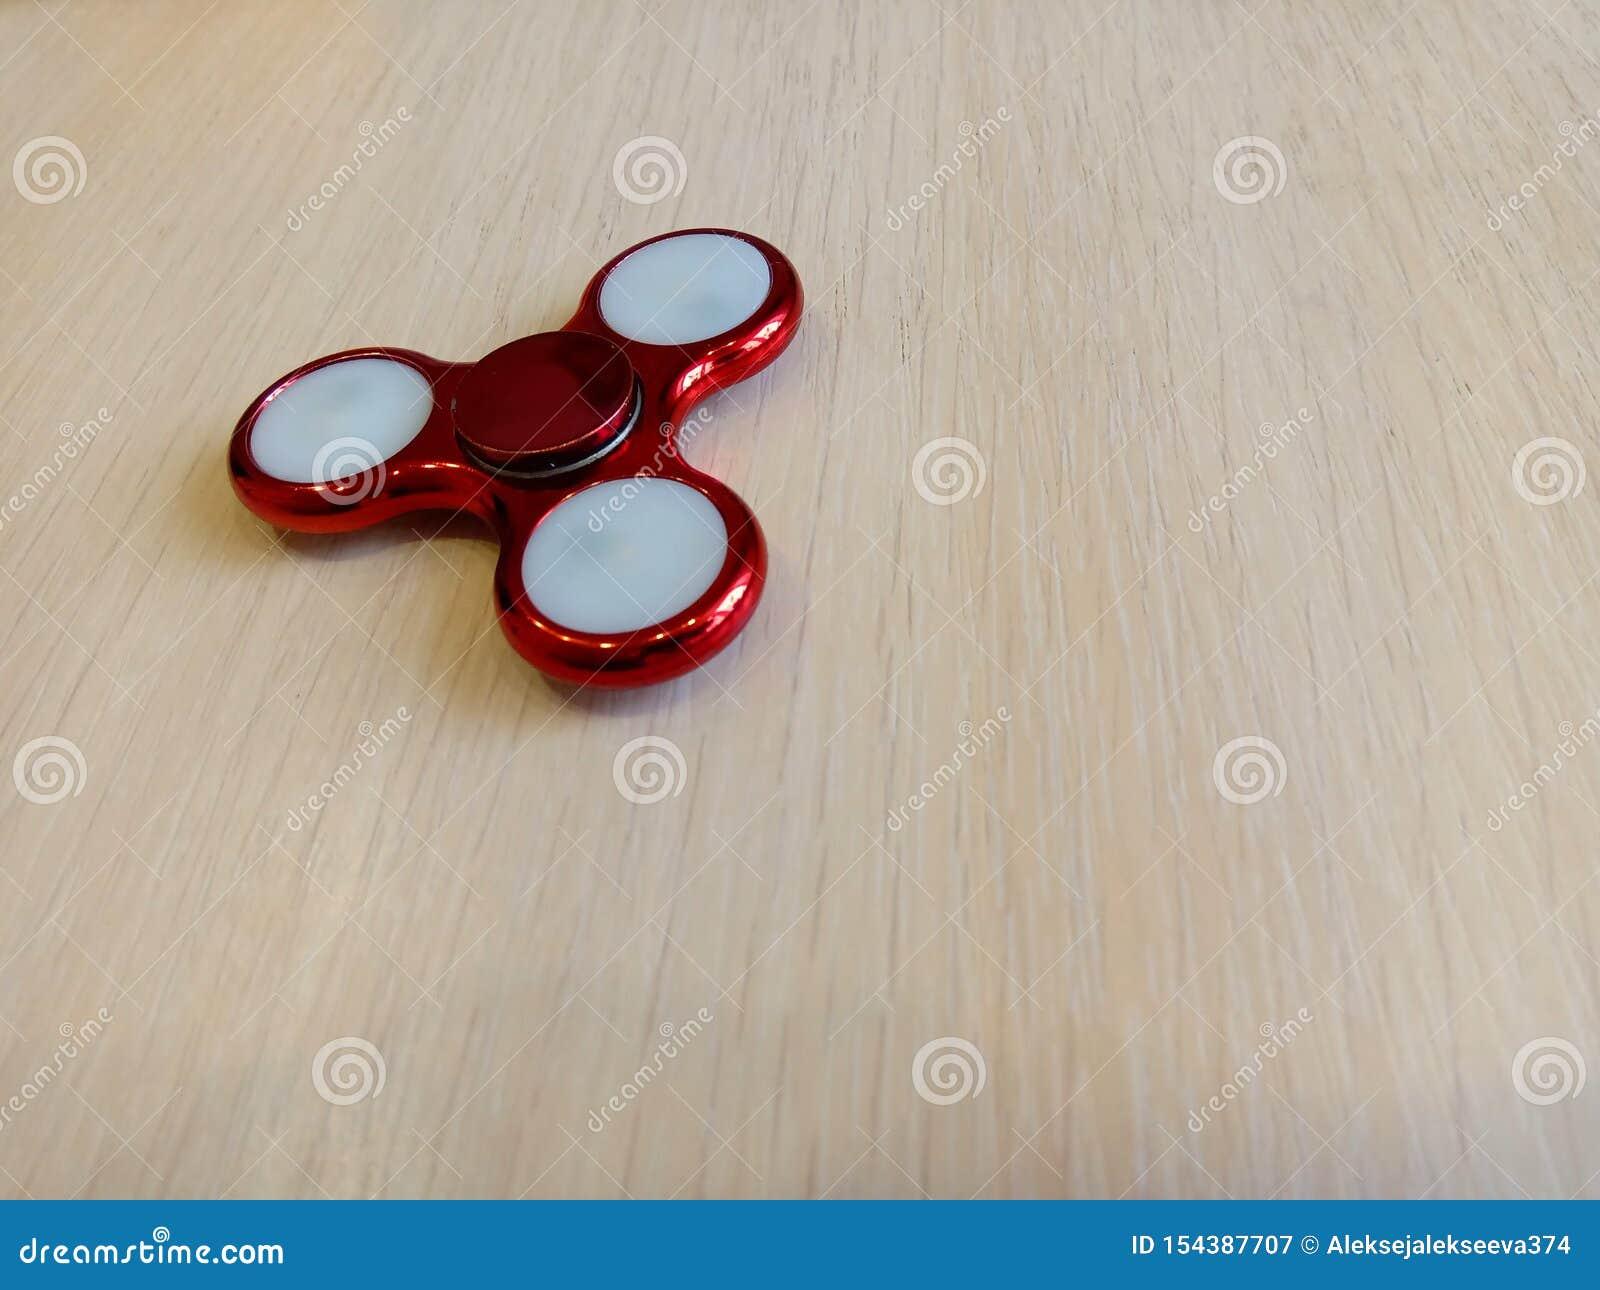 Filatore rosso su una tavola leggera